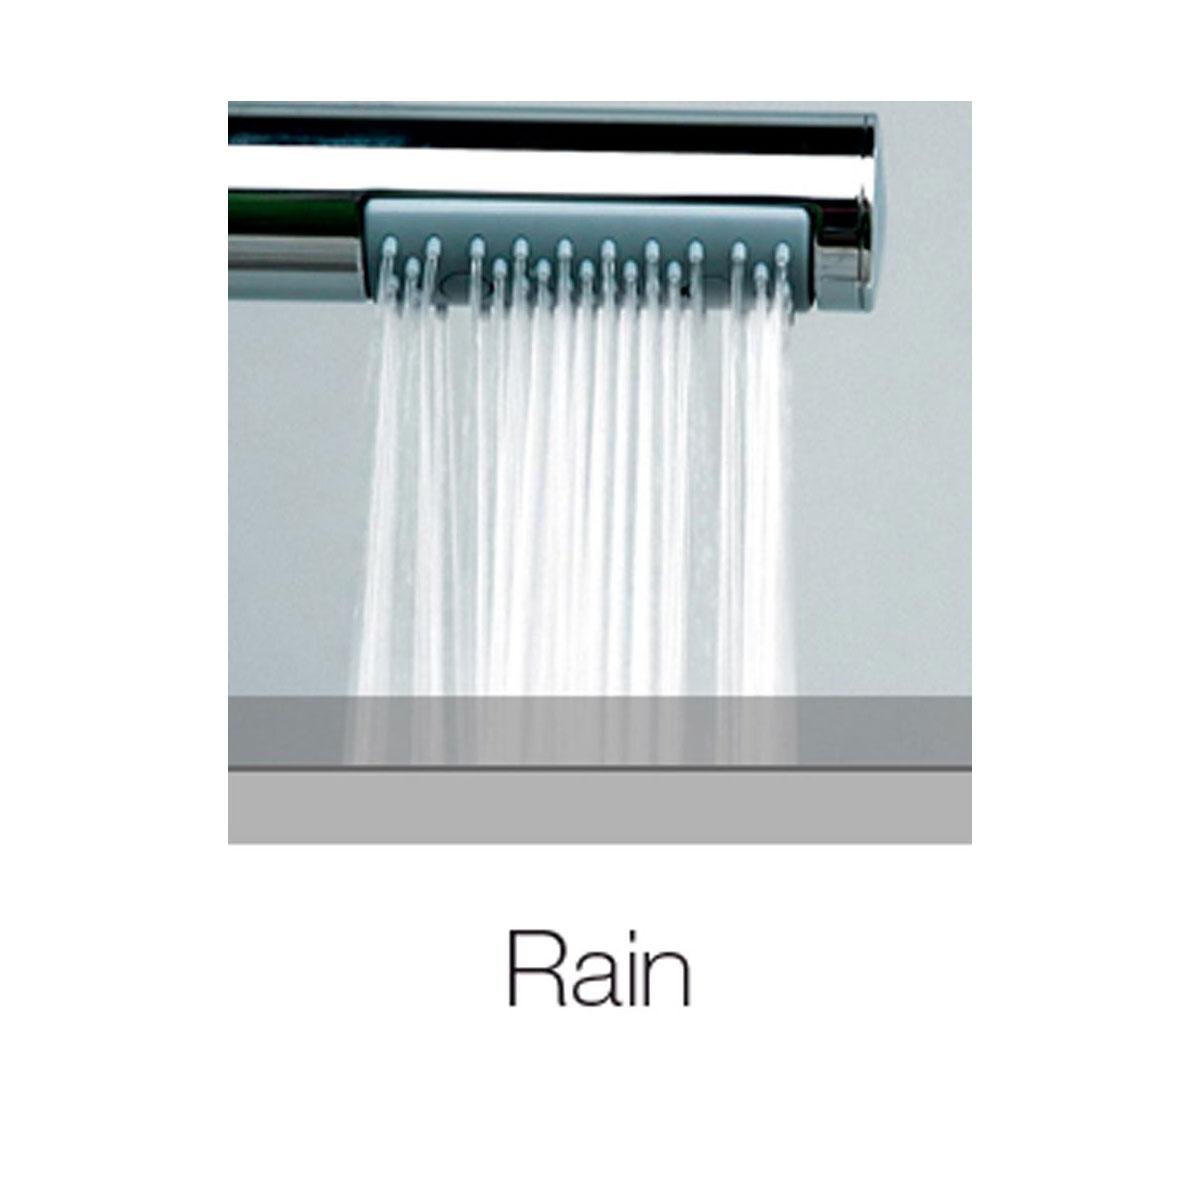 Composizione doccia soffione tondo Ares diametro 20 cm e kit duplex Bossini